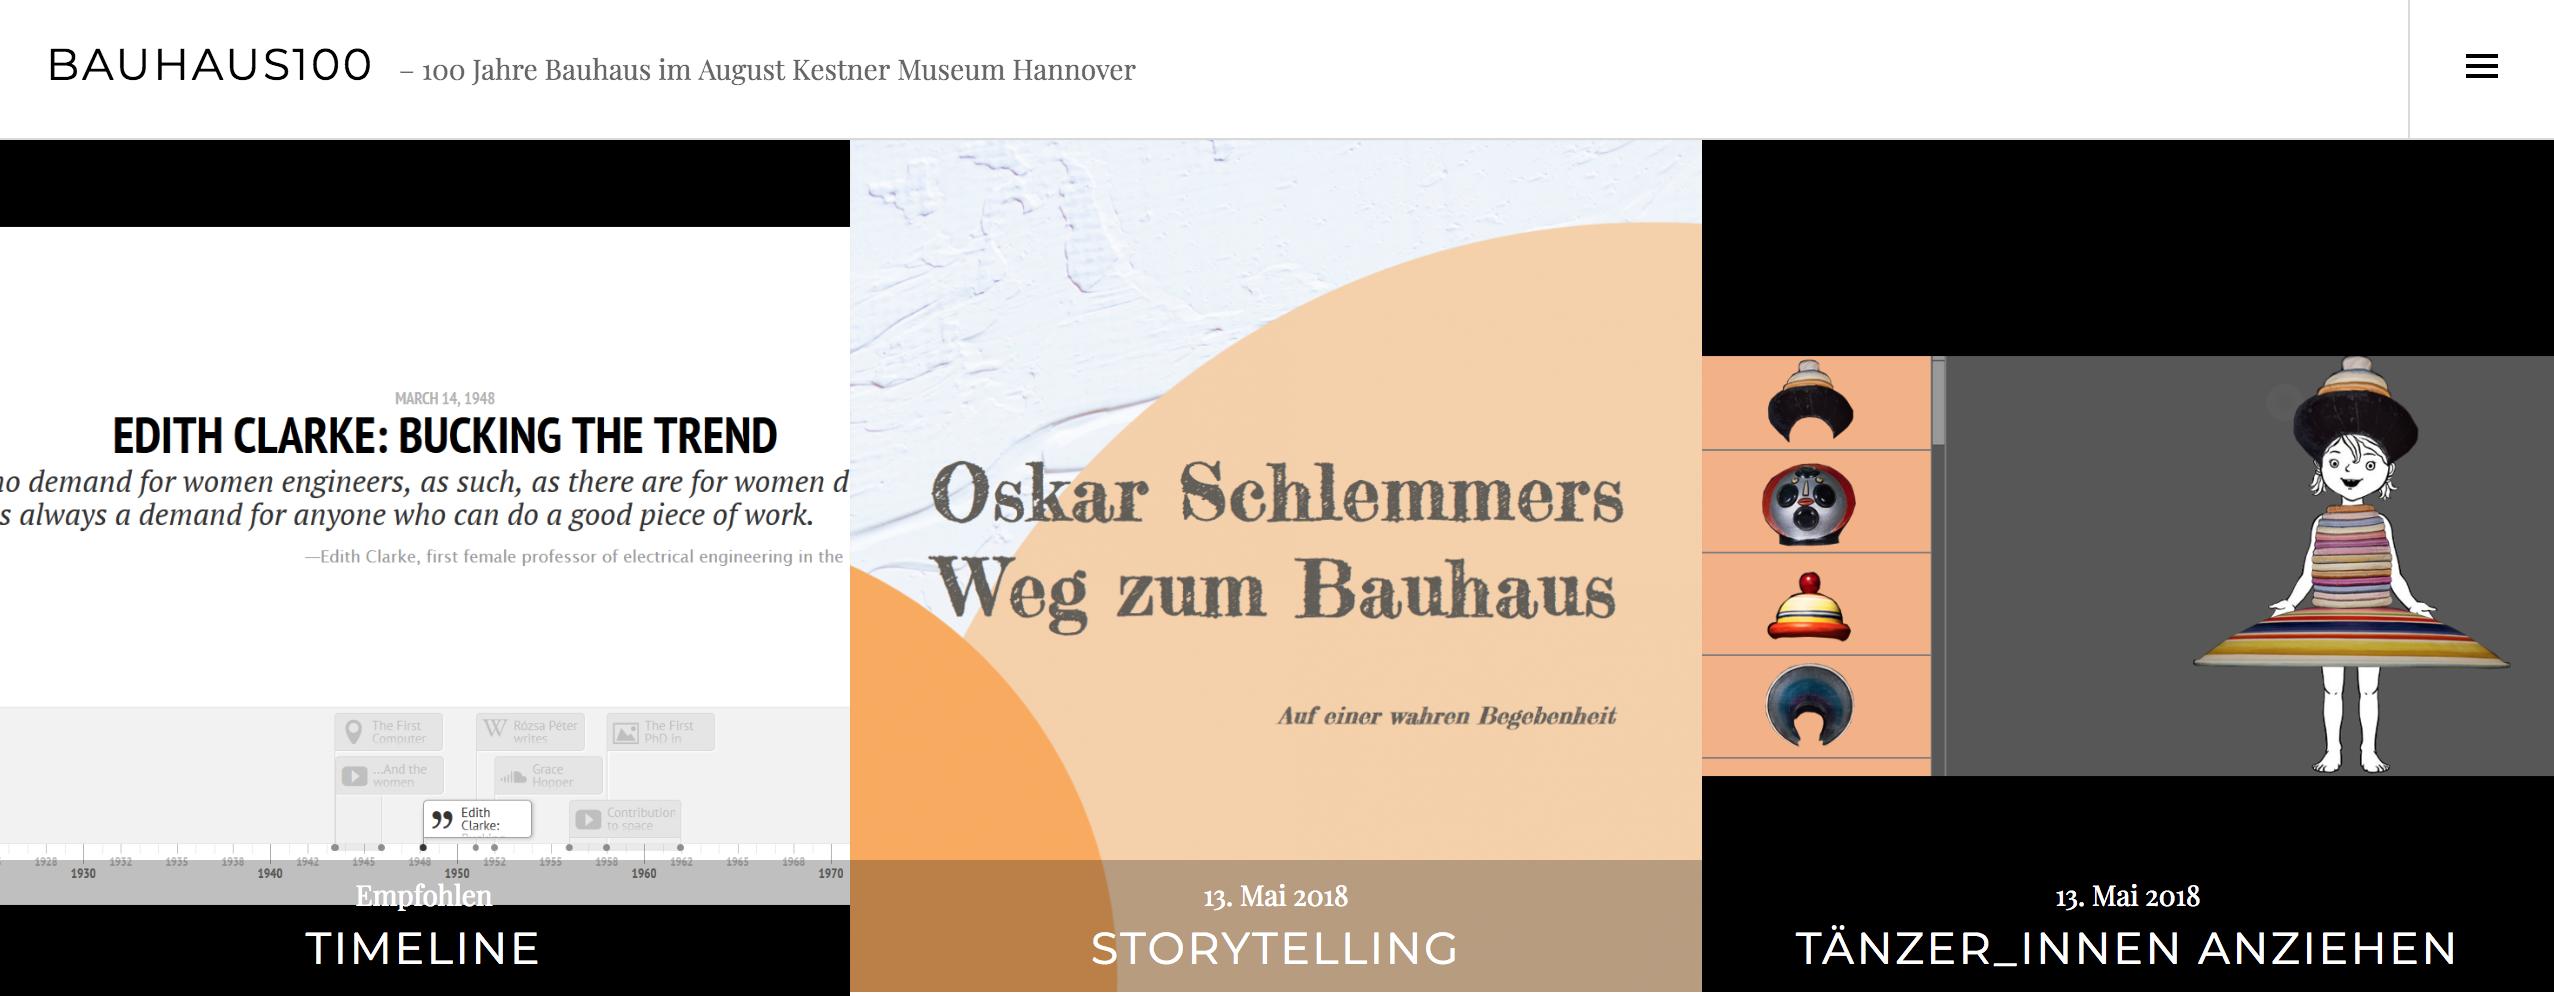 Bauhaus100 im WebLab